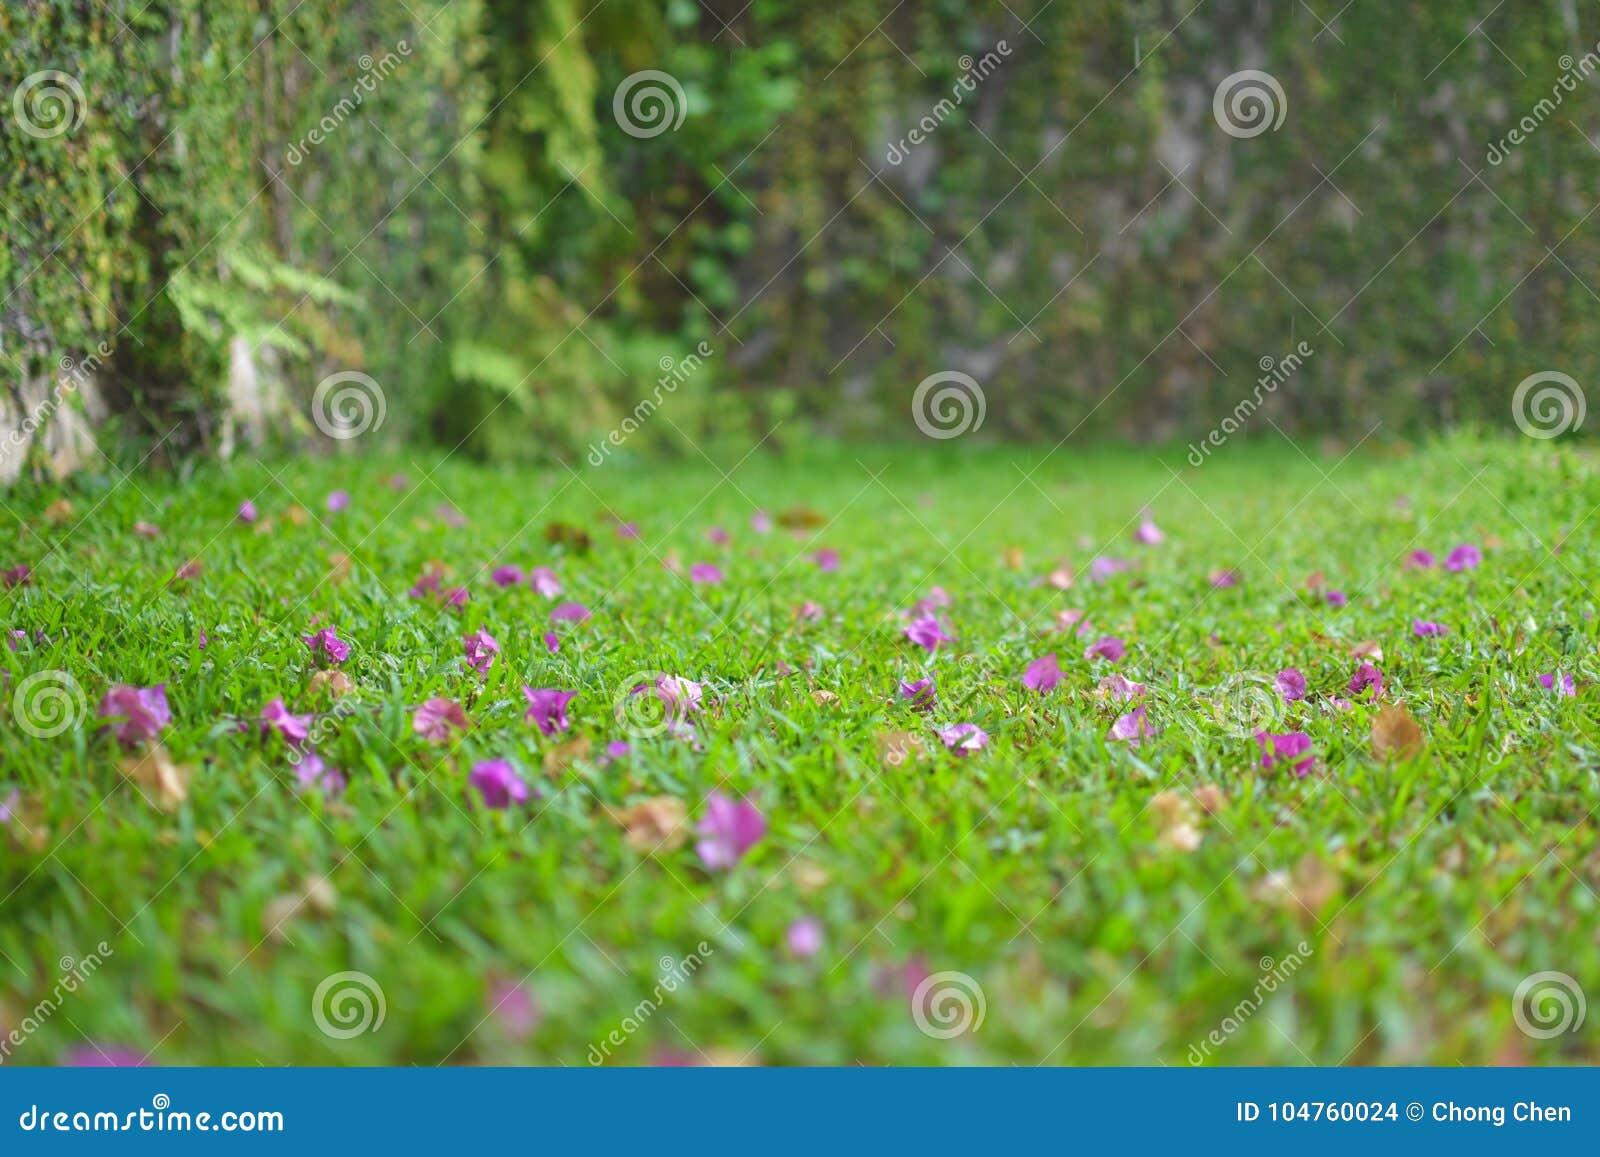 Petals drop on grass